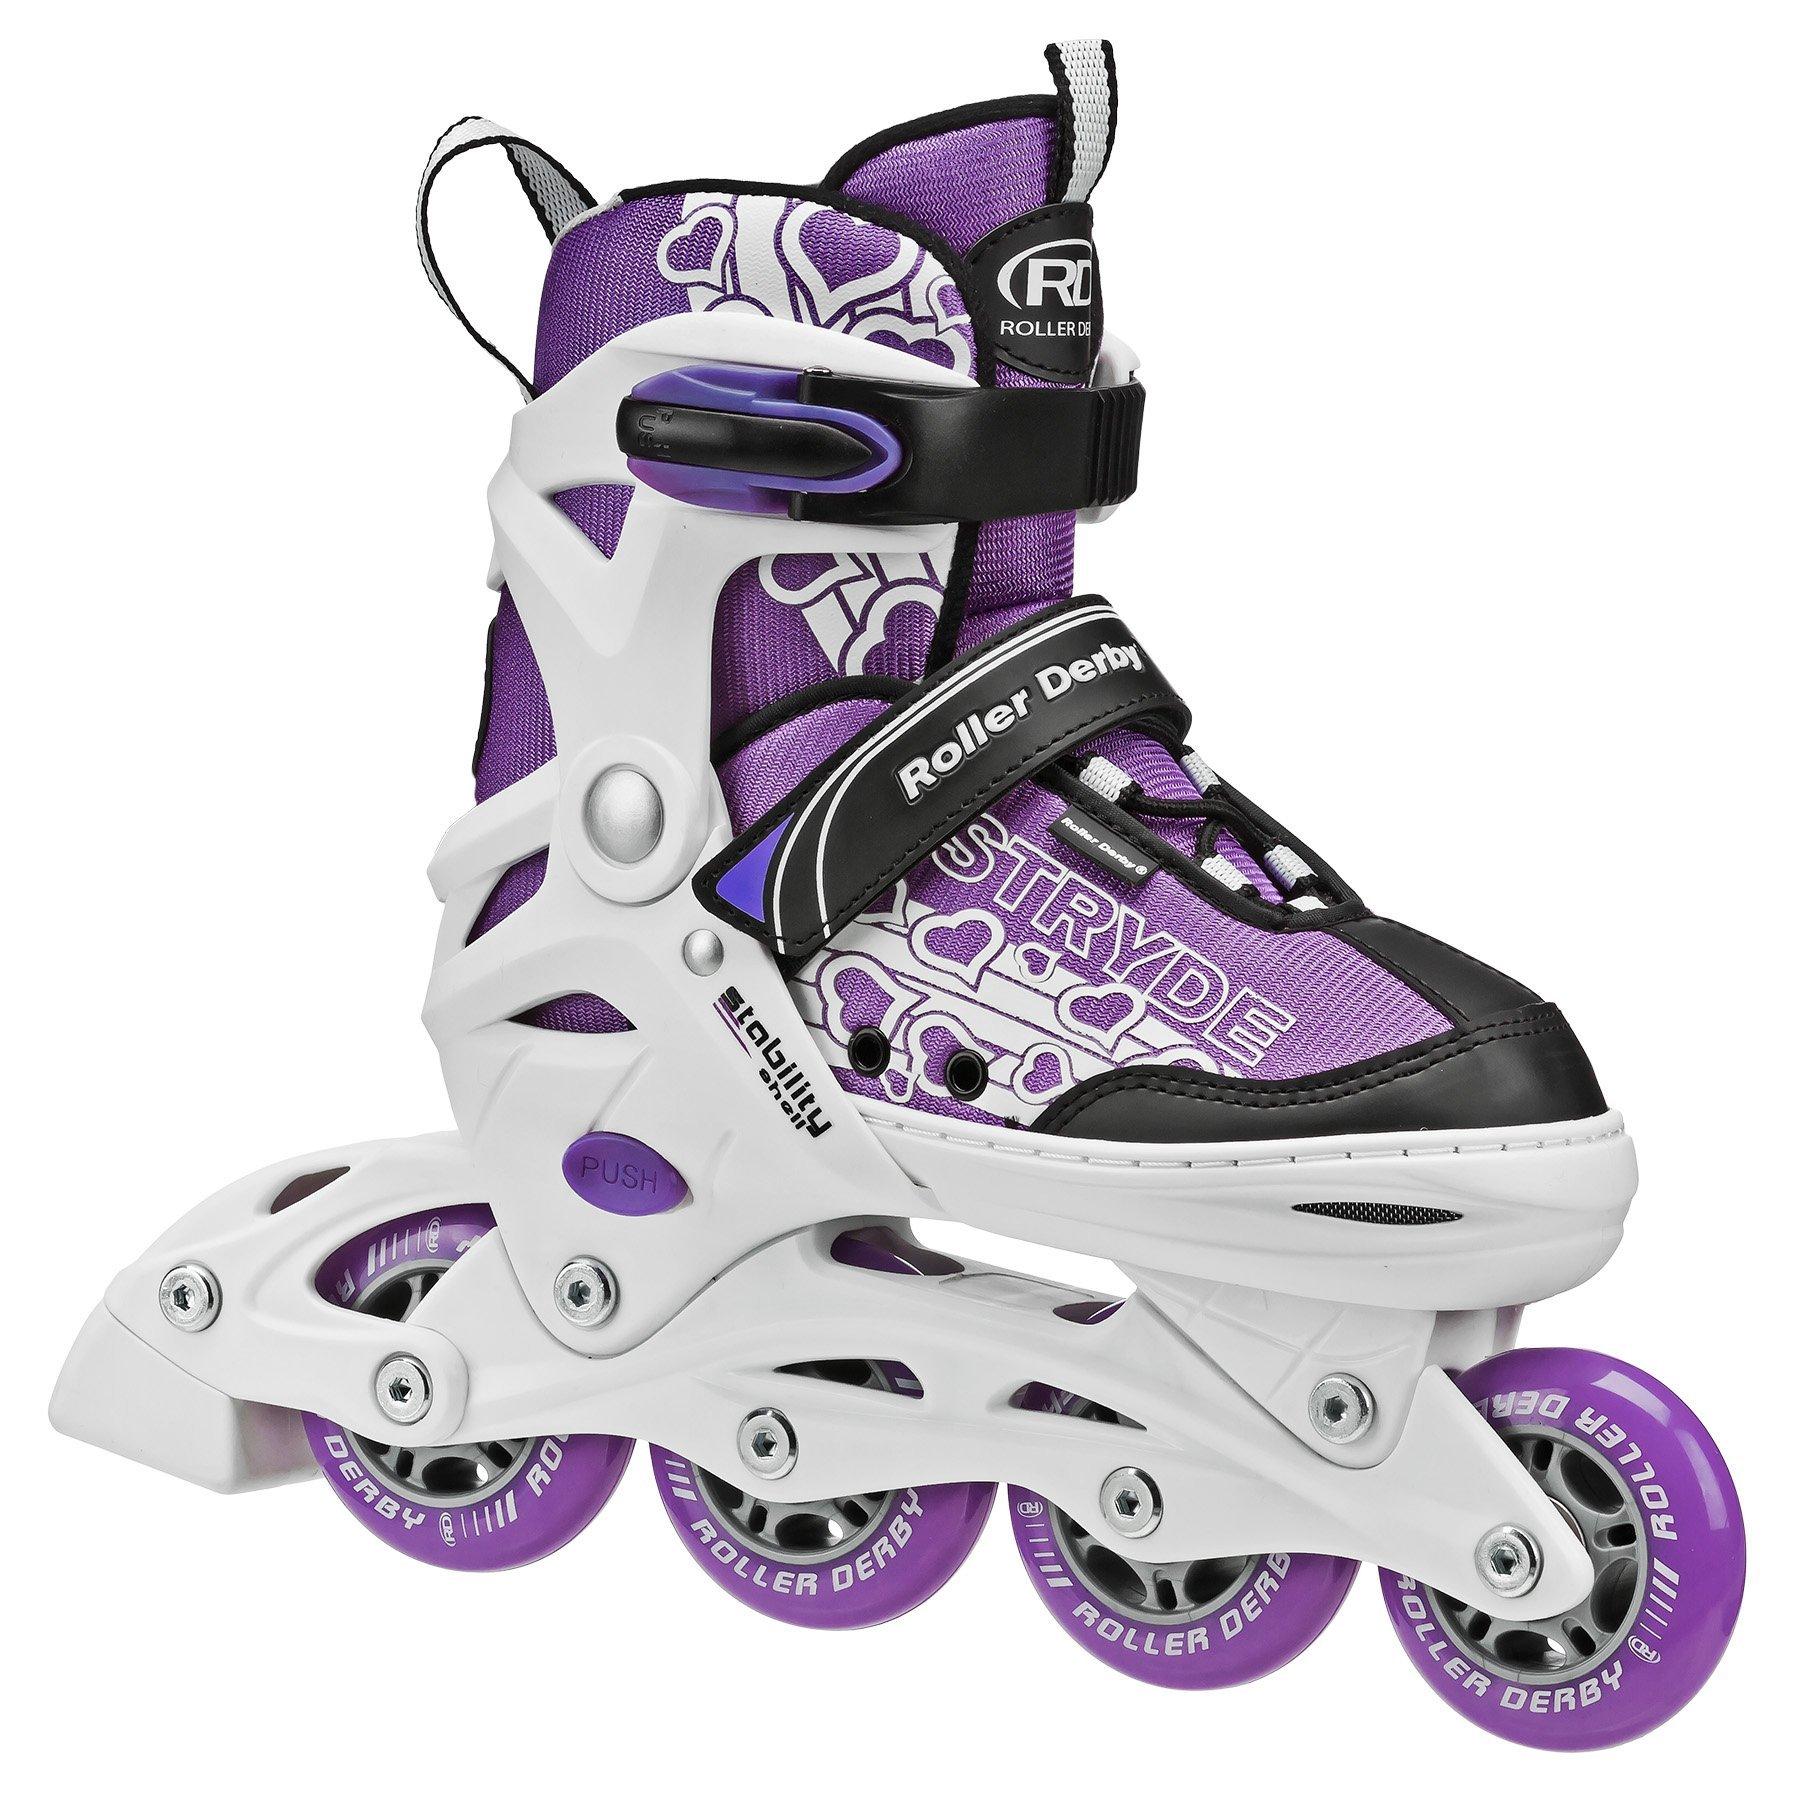 Roller Derby Stryde Girl's Adjustable Inline Skates (Renewed)